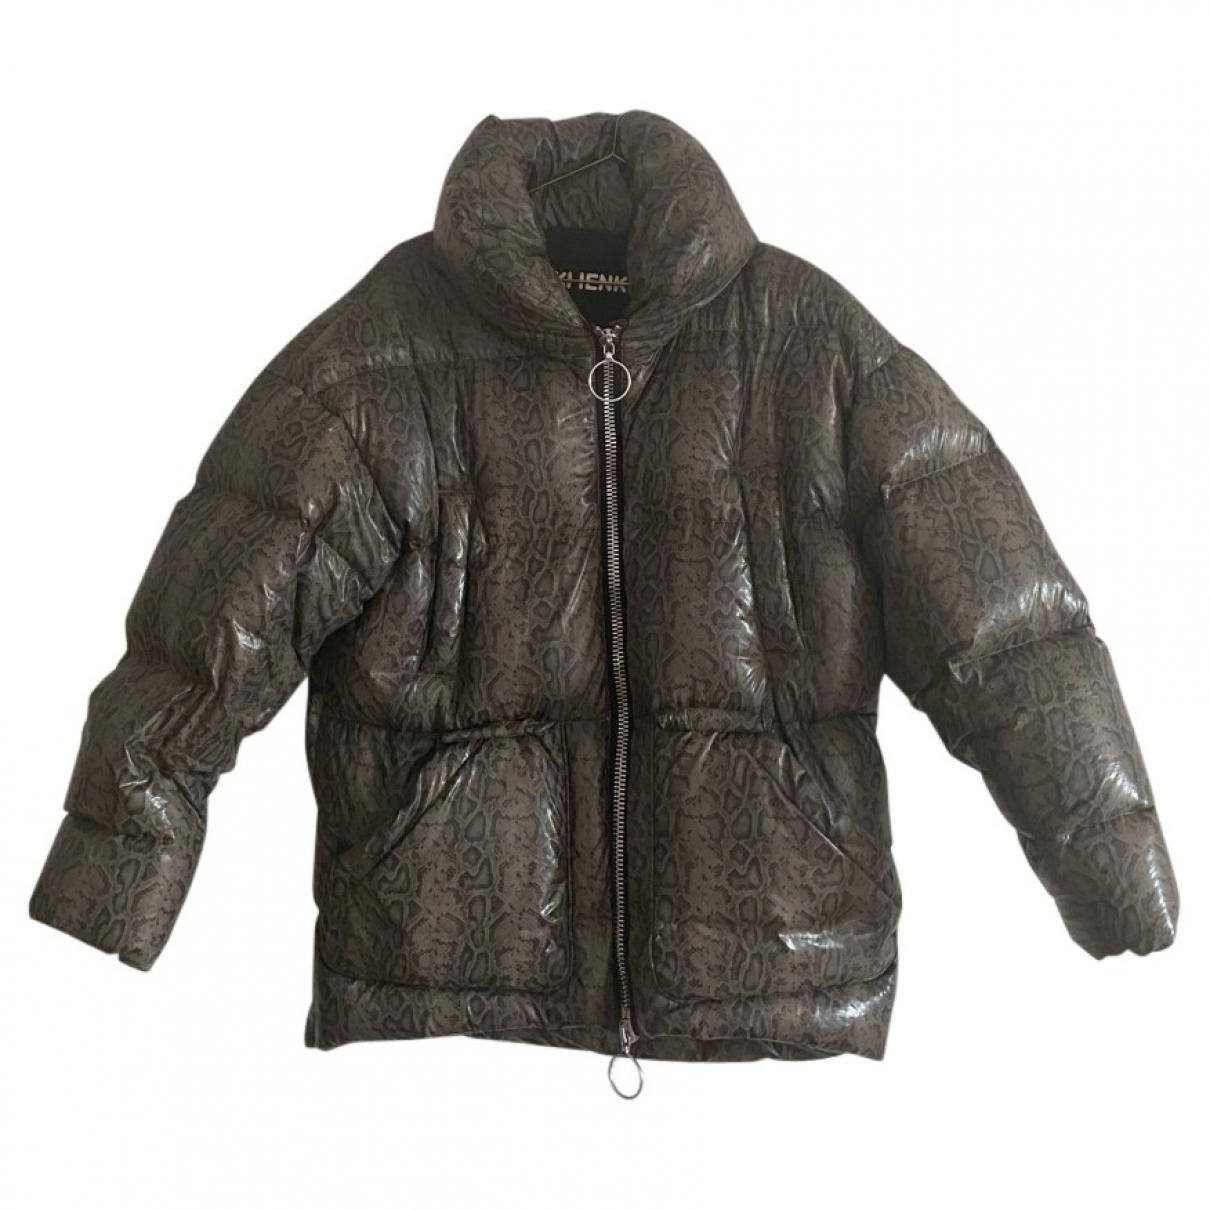 Ienki Ienki - Manteau   pour femme - anthracite